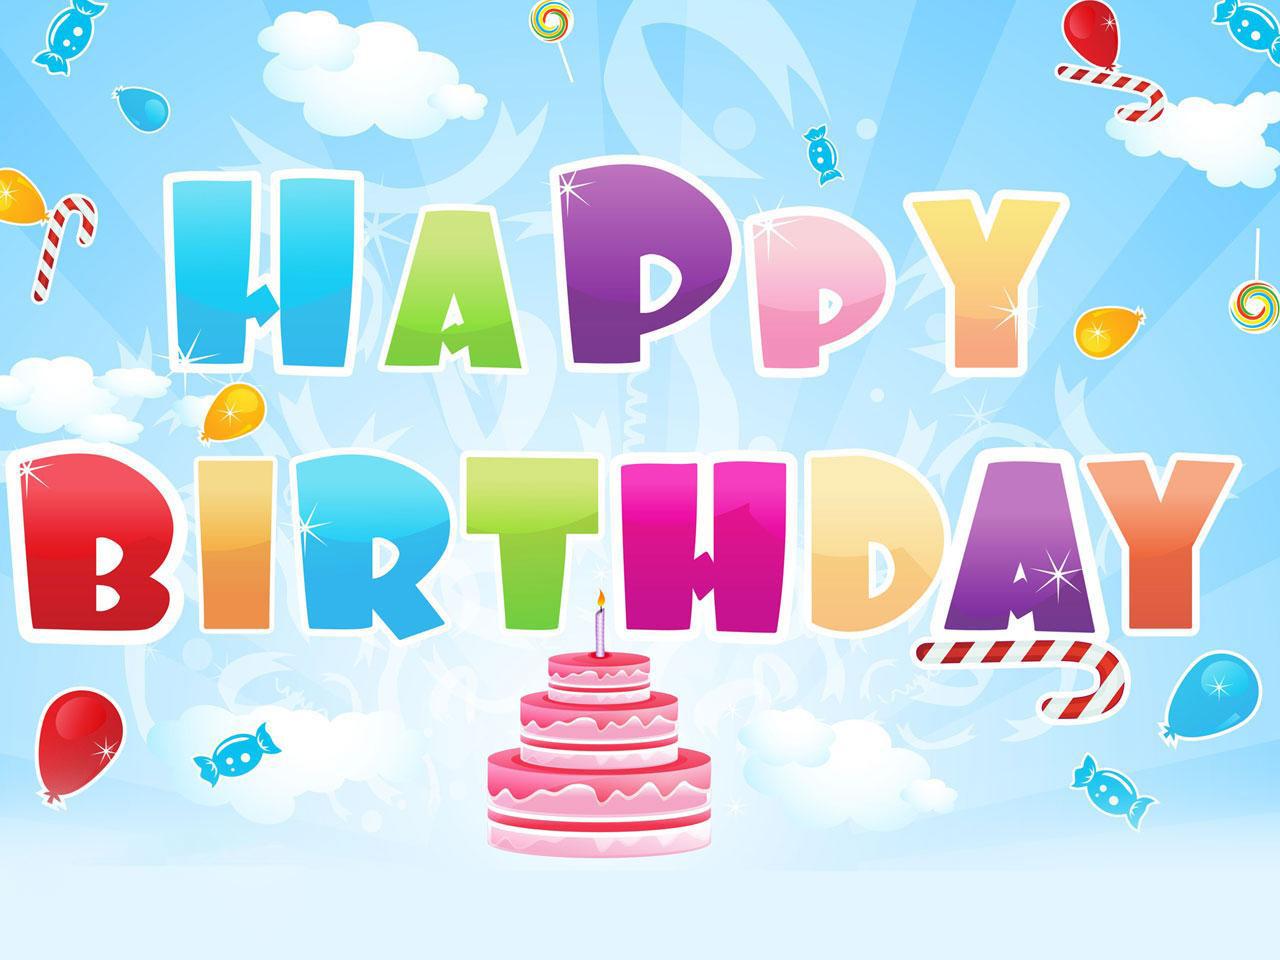 happy birthday wallpaper size 1280x960 happy birthday size 1280x960 1280x960